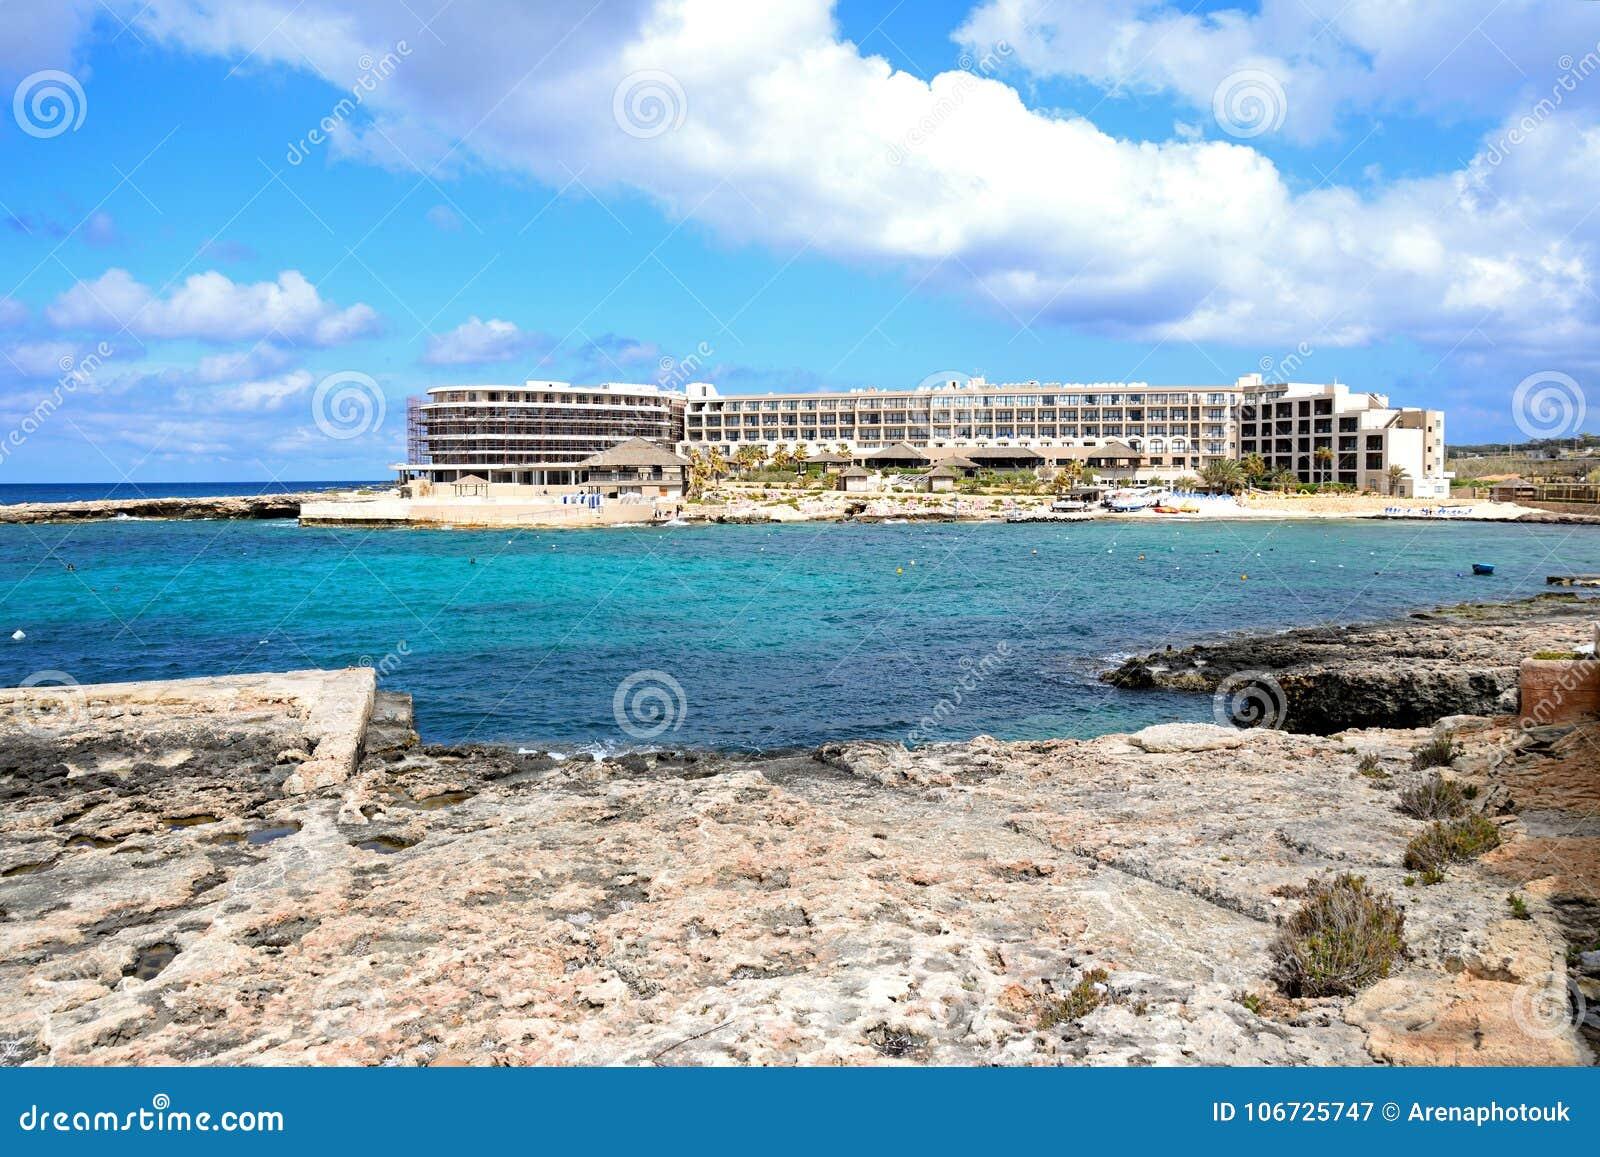 Hotel Di Località Di Soggiorno Della Baia Di Ramla E Spiaggia, Malta ...